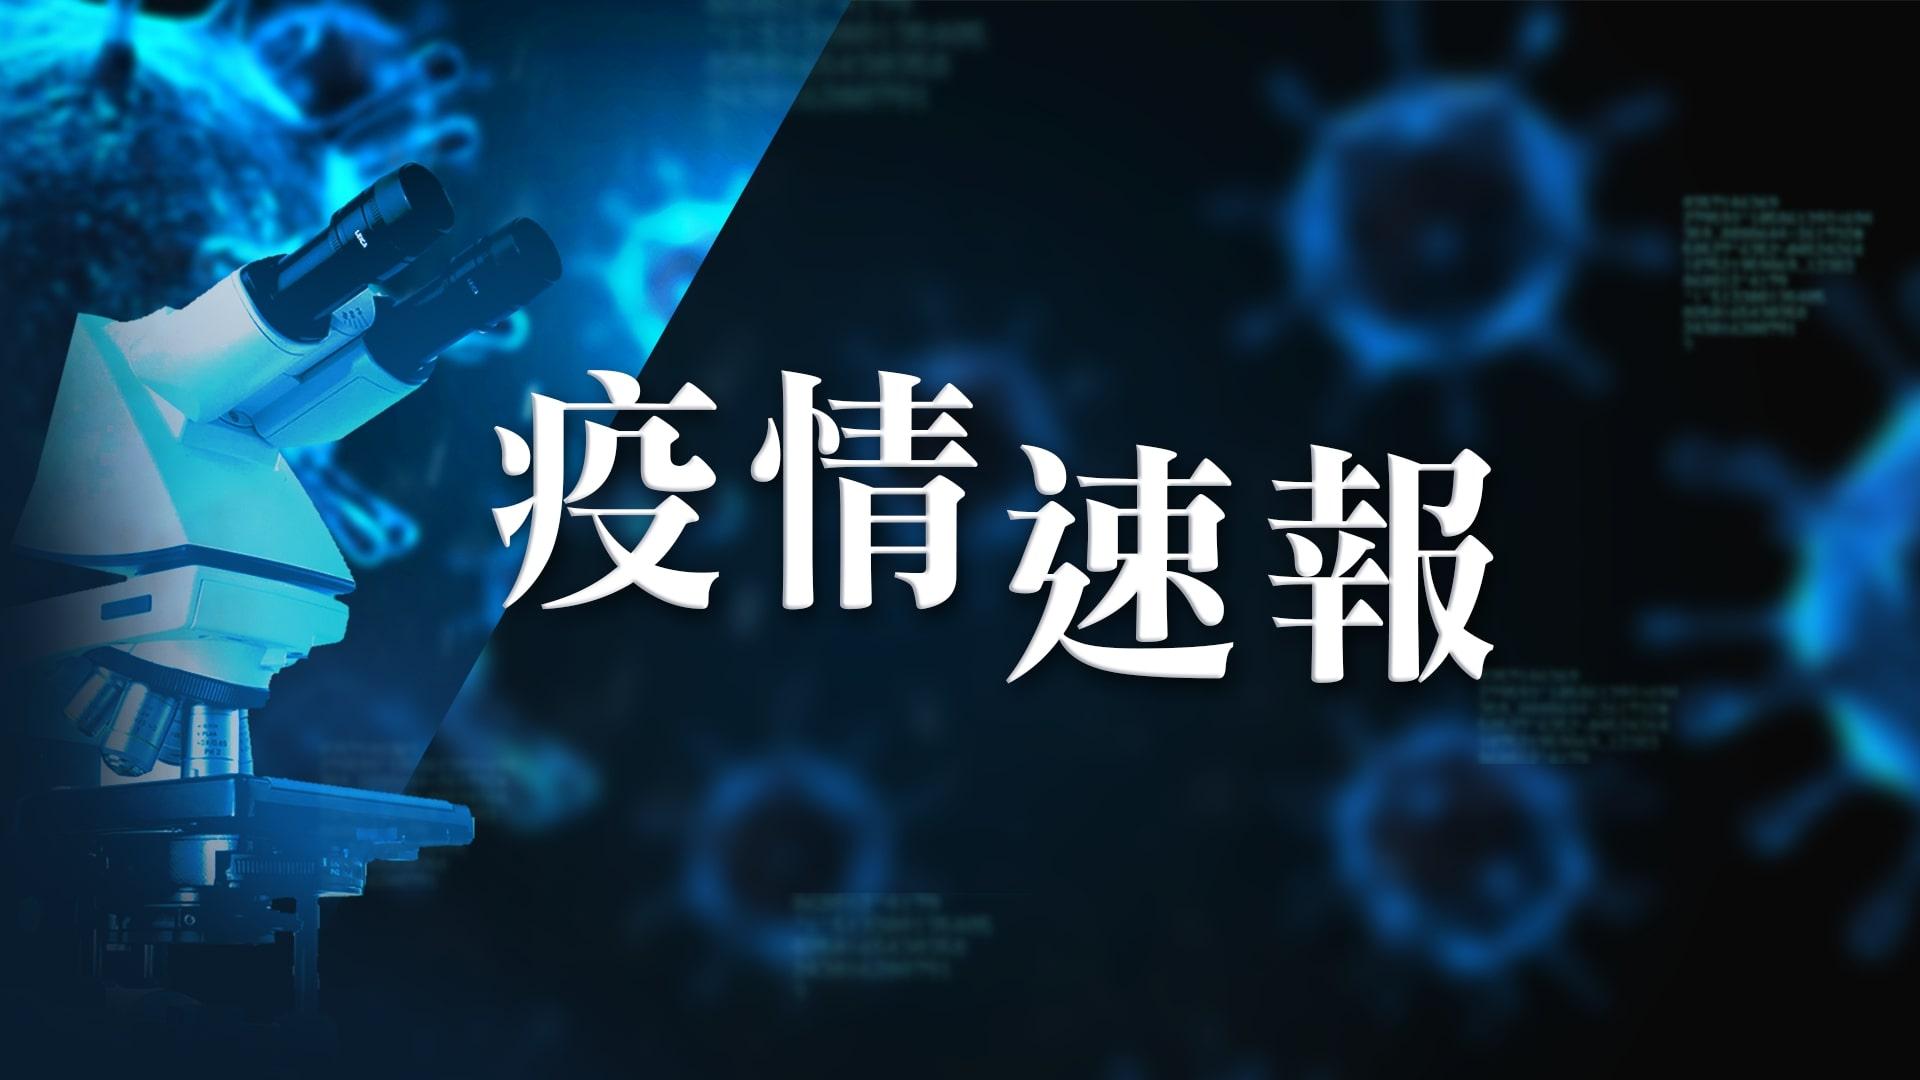 【5月17日疫情速報】(23:25)